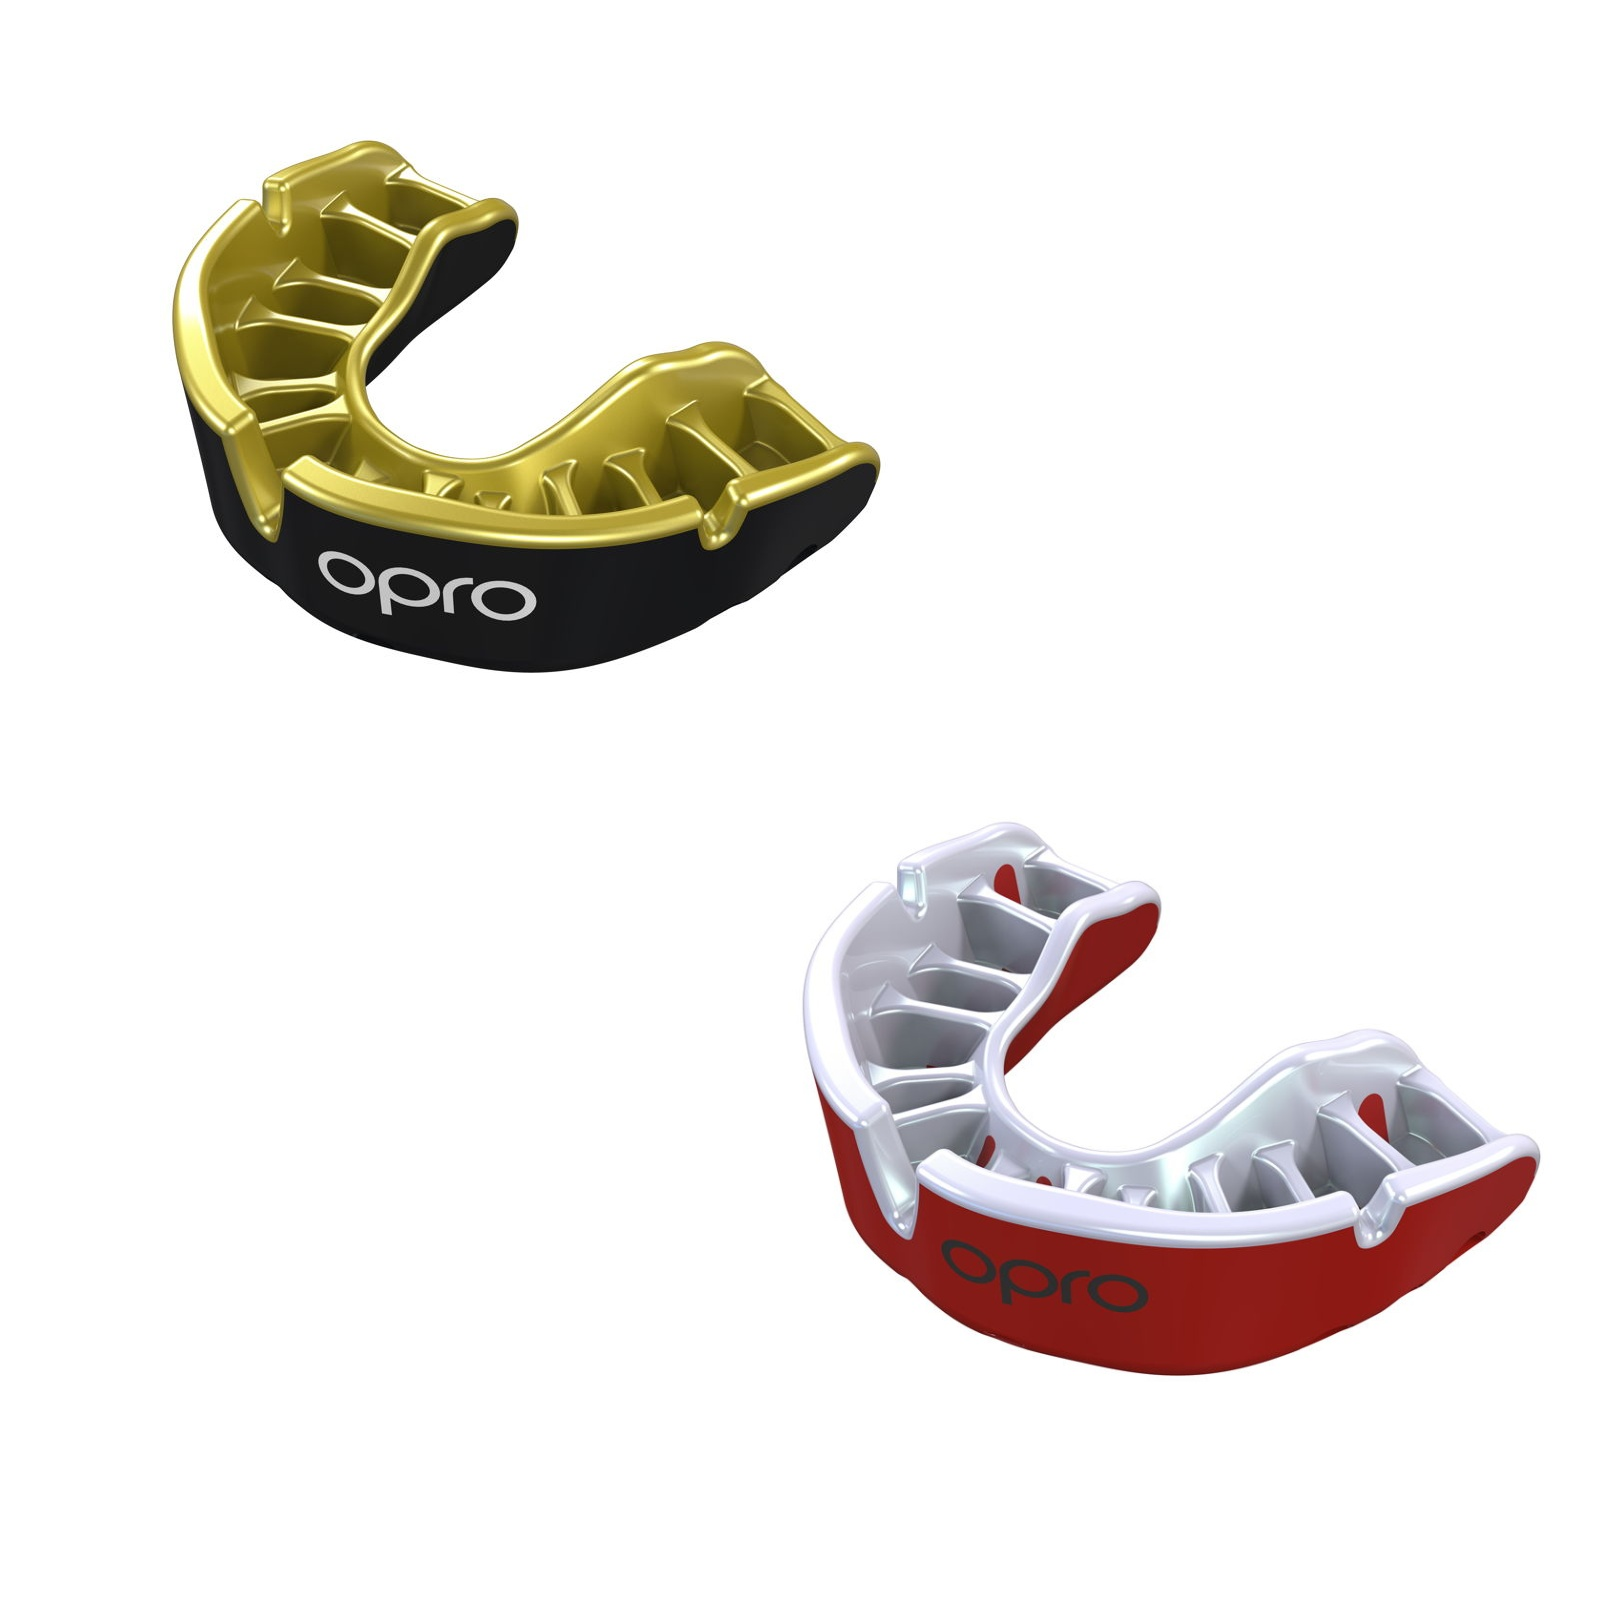 Chránič zubů OPRO Gold senior